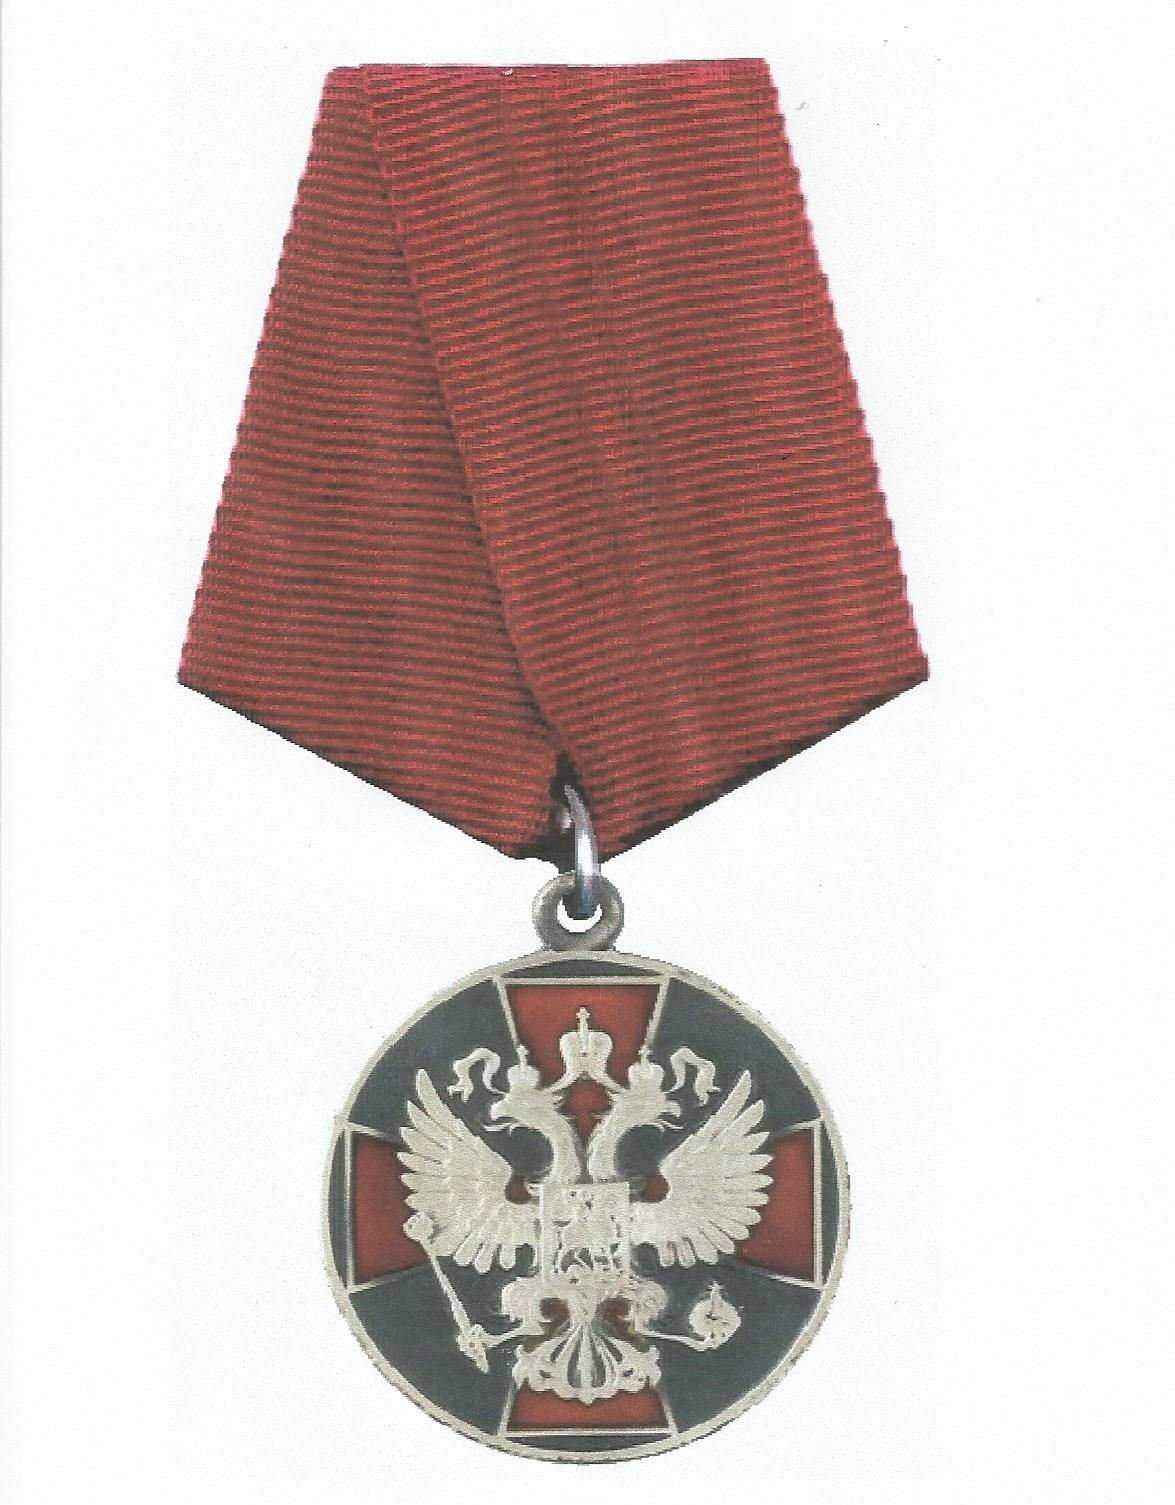 Поздравляем с высокой государственной наградой